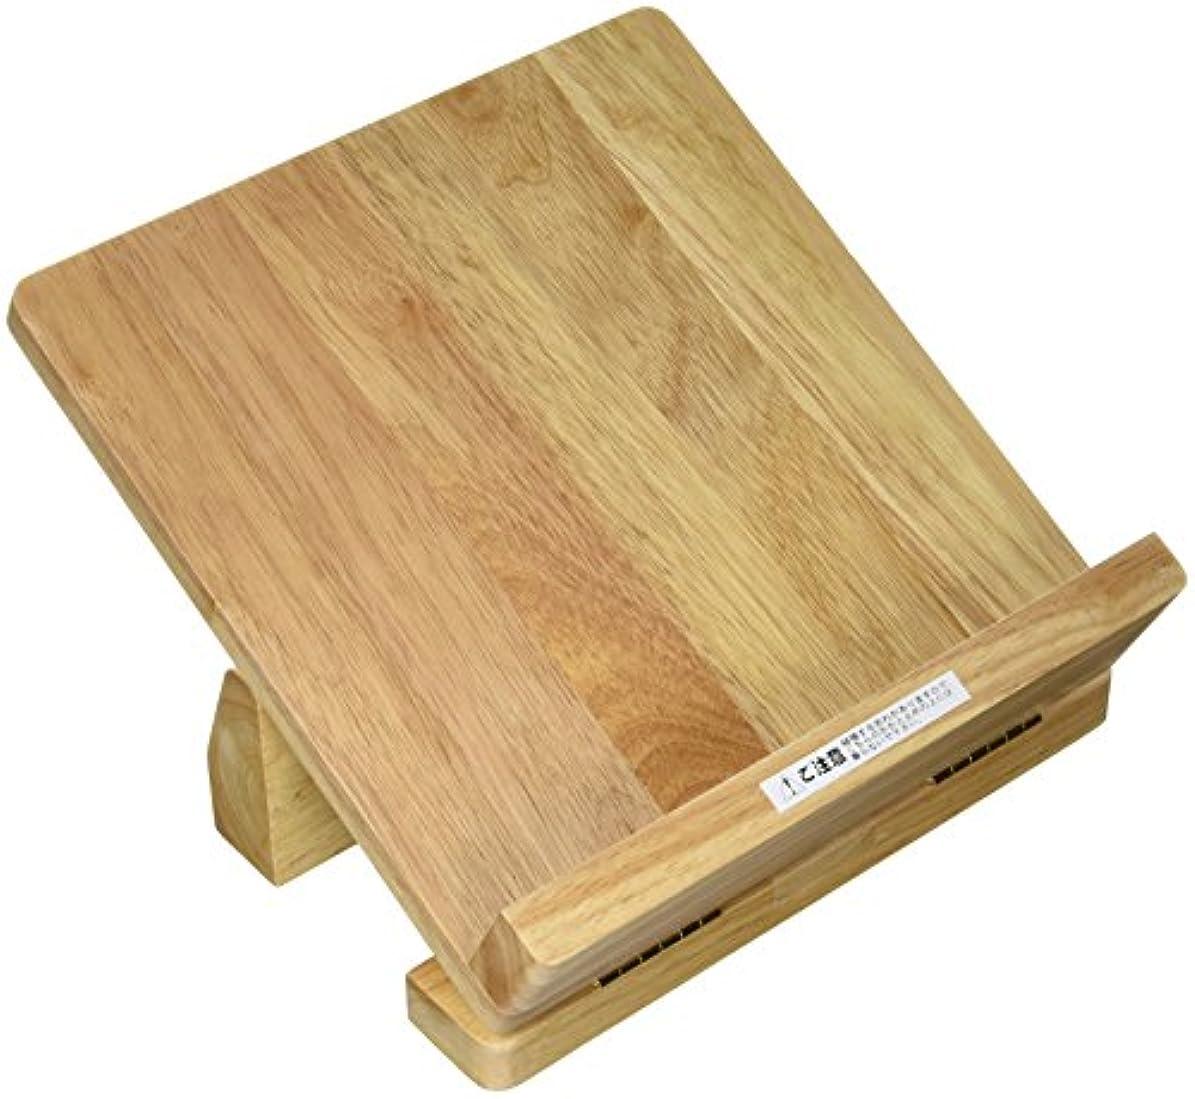 の慈悲でなんとなく雄大な足首のびのび 木製ストレッチボード